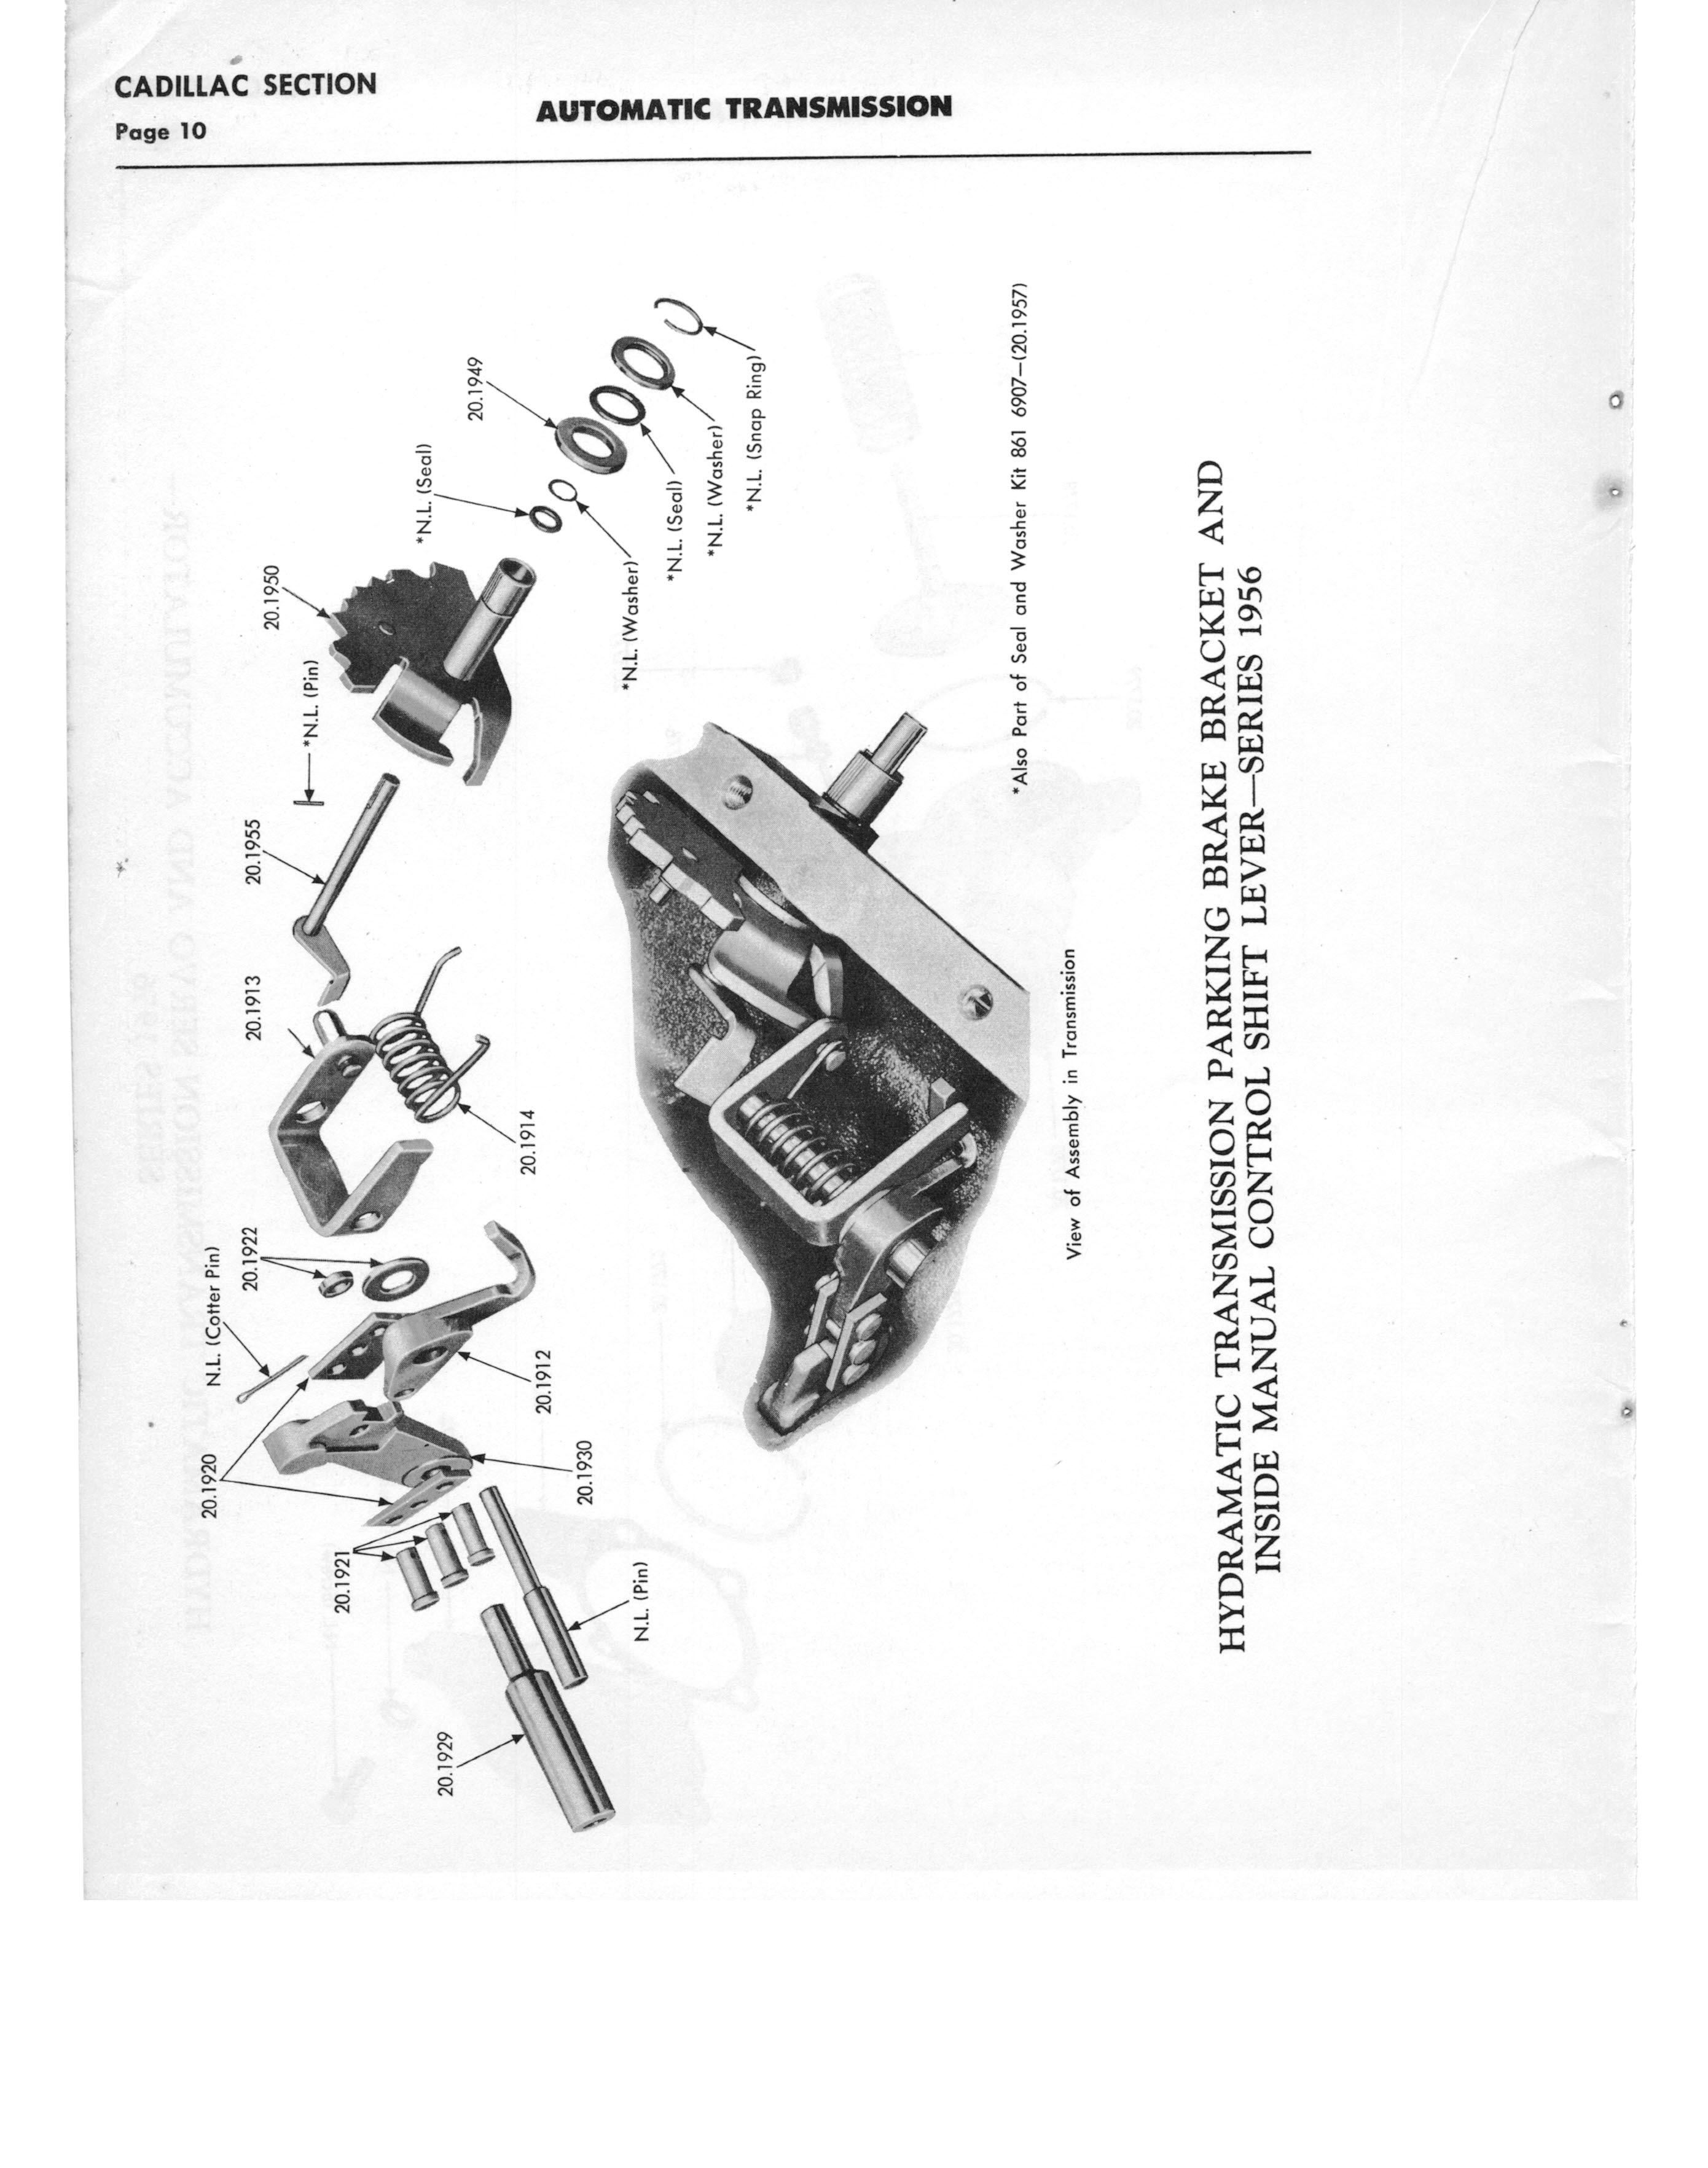 2000 blazer window wiring catalog